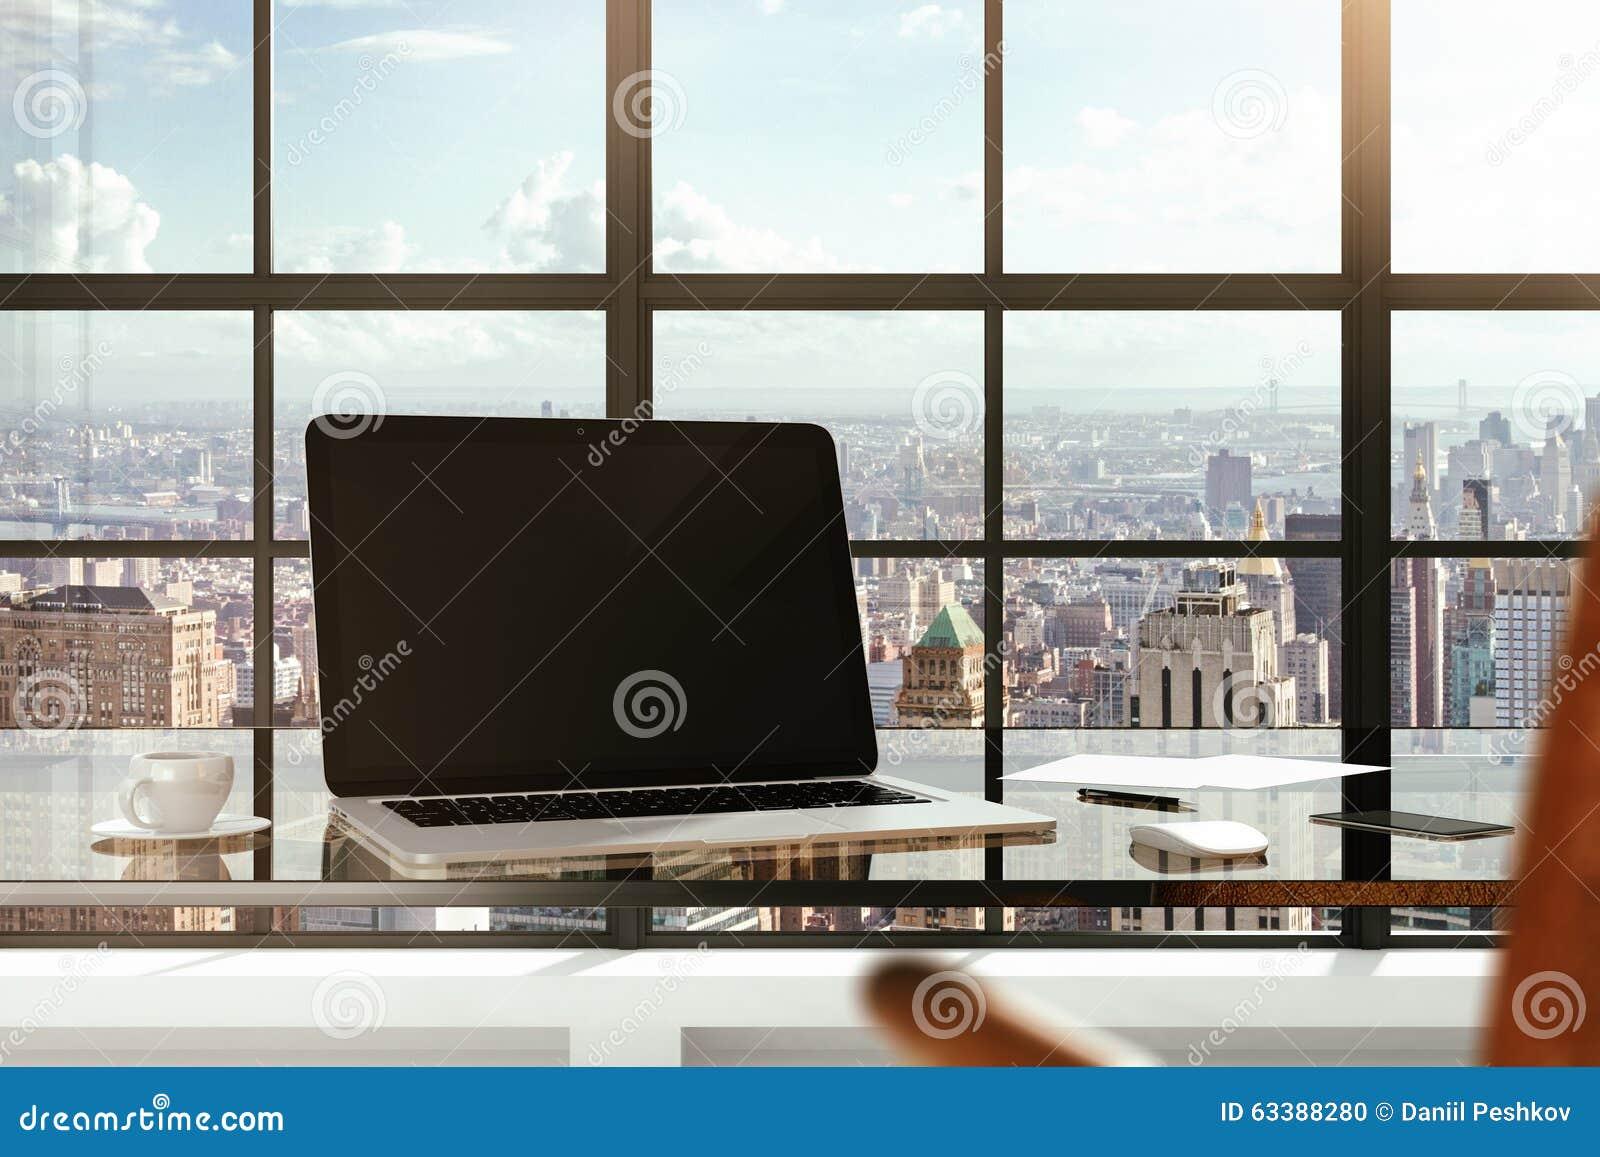 Lege laptop op een glaslijst in een modern bureau en stadsmeningen